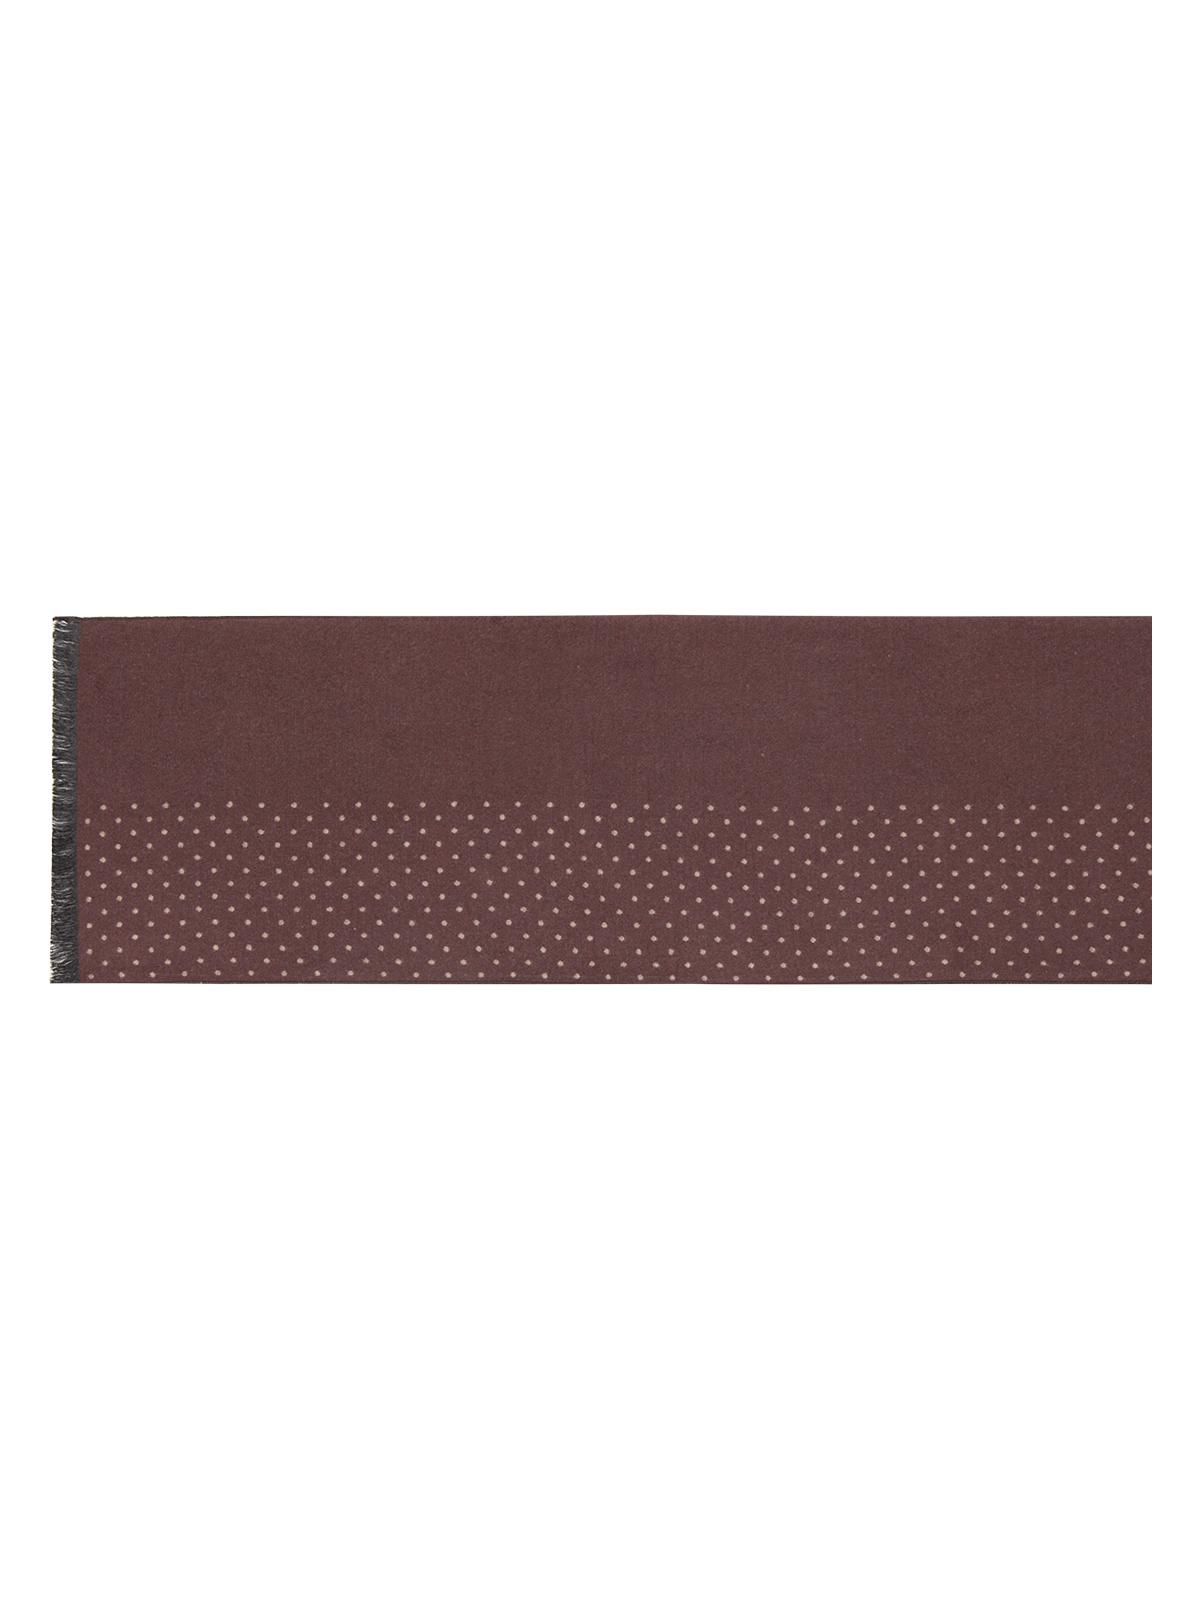 ШарфLJG34-316Мужской шарф Labbra, изготовленный из вискозы и шелка, мягкий и приятный на ощупь. Изделие оформлено оригинальным принтом в мелкий горох. По короткому краю модель оформлена бахромой.